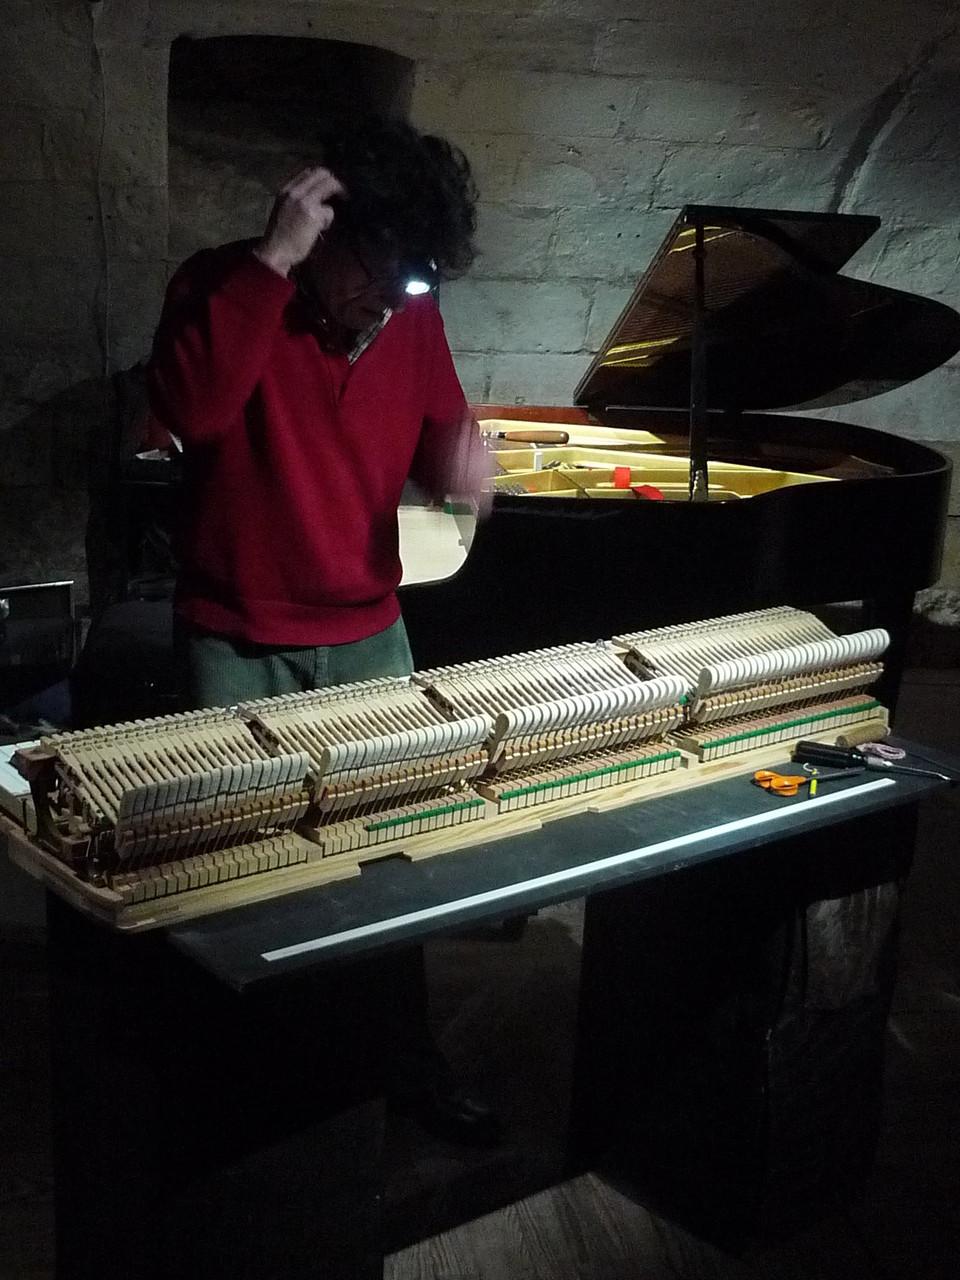 Pour optimiser le son et donner au pianiste la meilleure sensation,